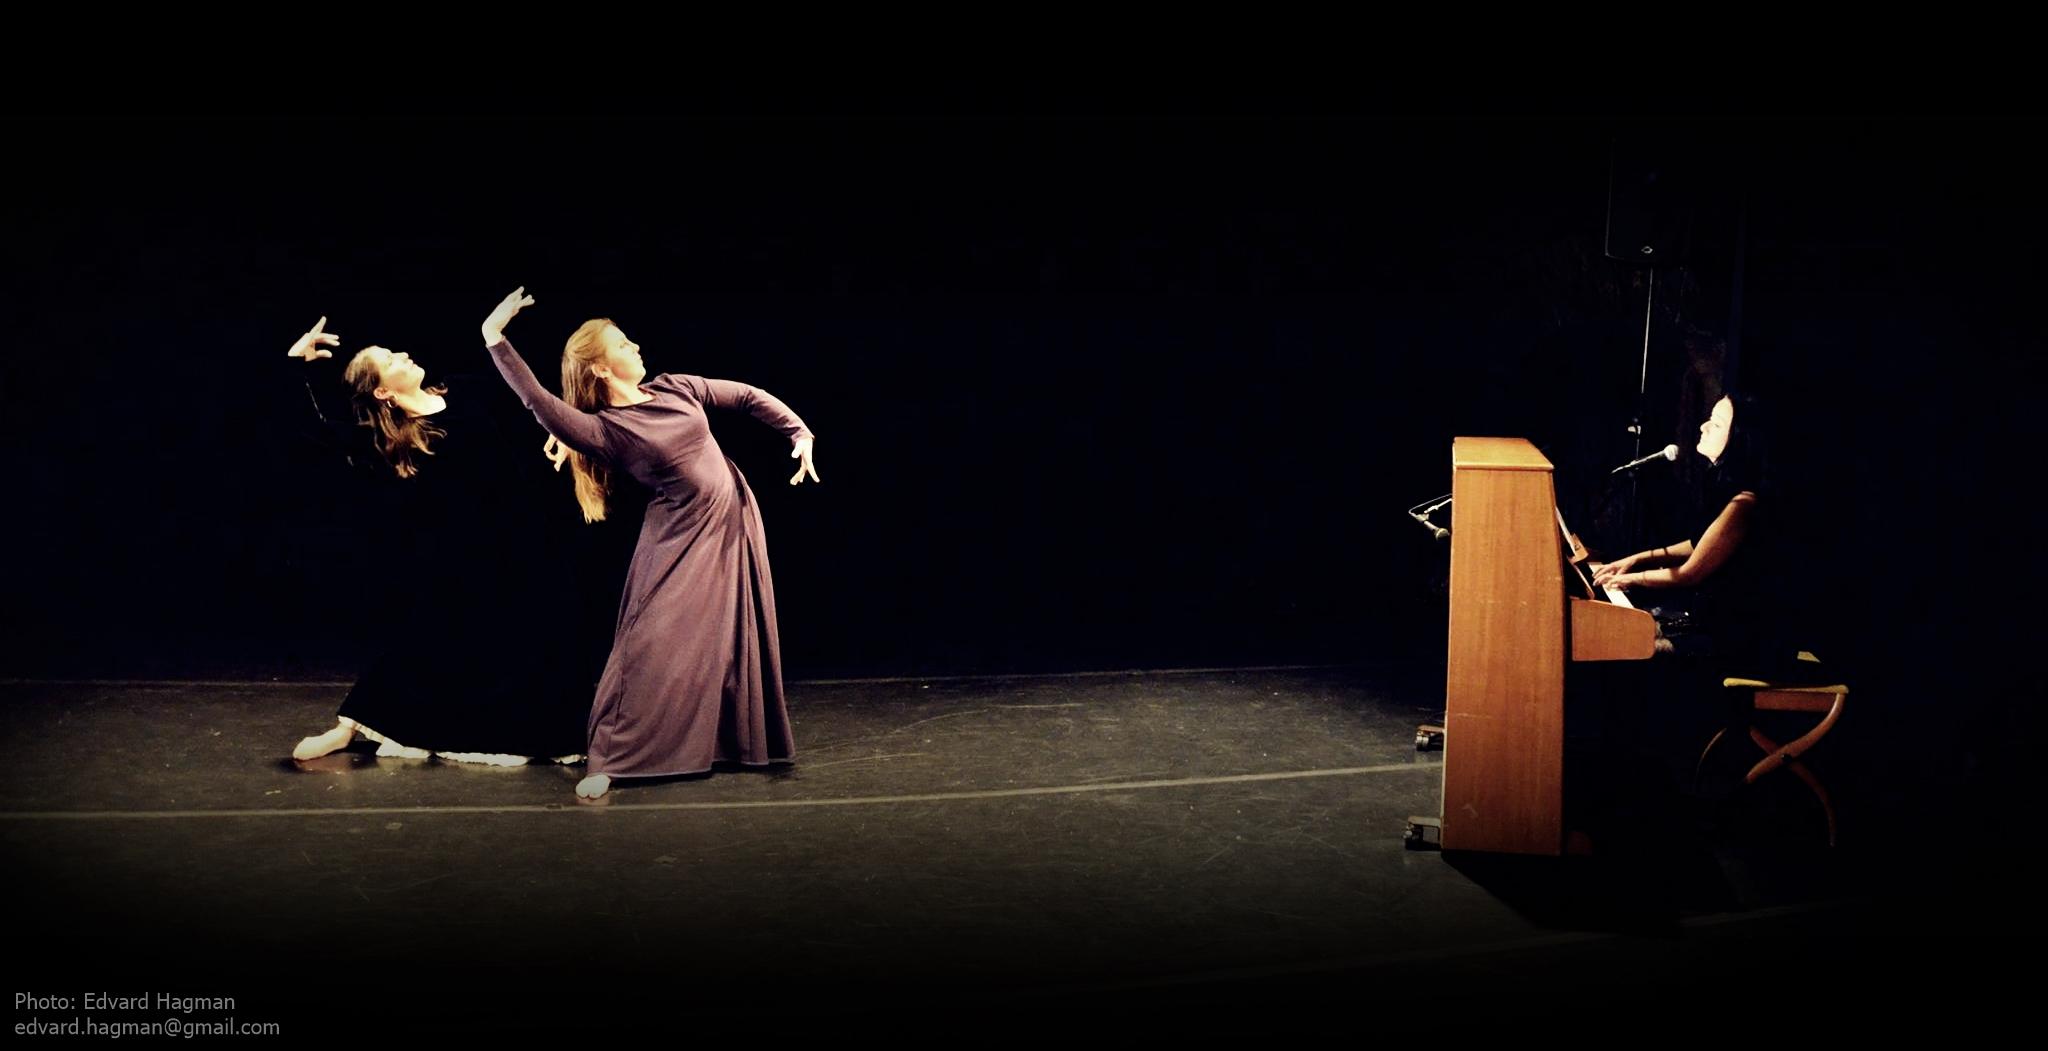 Maria Oriental, Pia del Norte and Ellen Pontara - Flamenco Persian Fusion with piano and vocals by Ellen Pontara, at East Meets West, April 2015. Photo: Edvard Hagman edvard.hagman@gmail.com